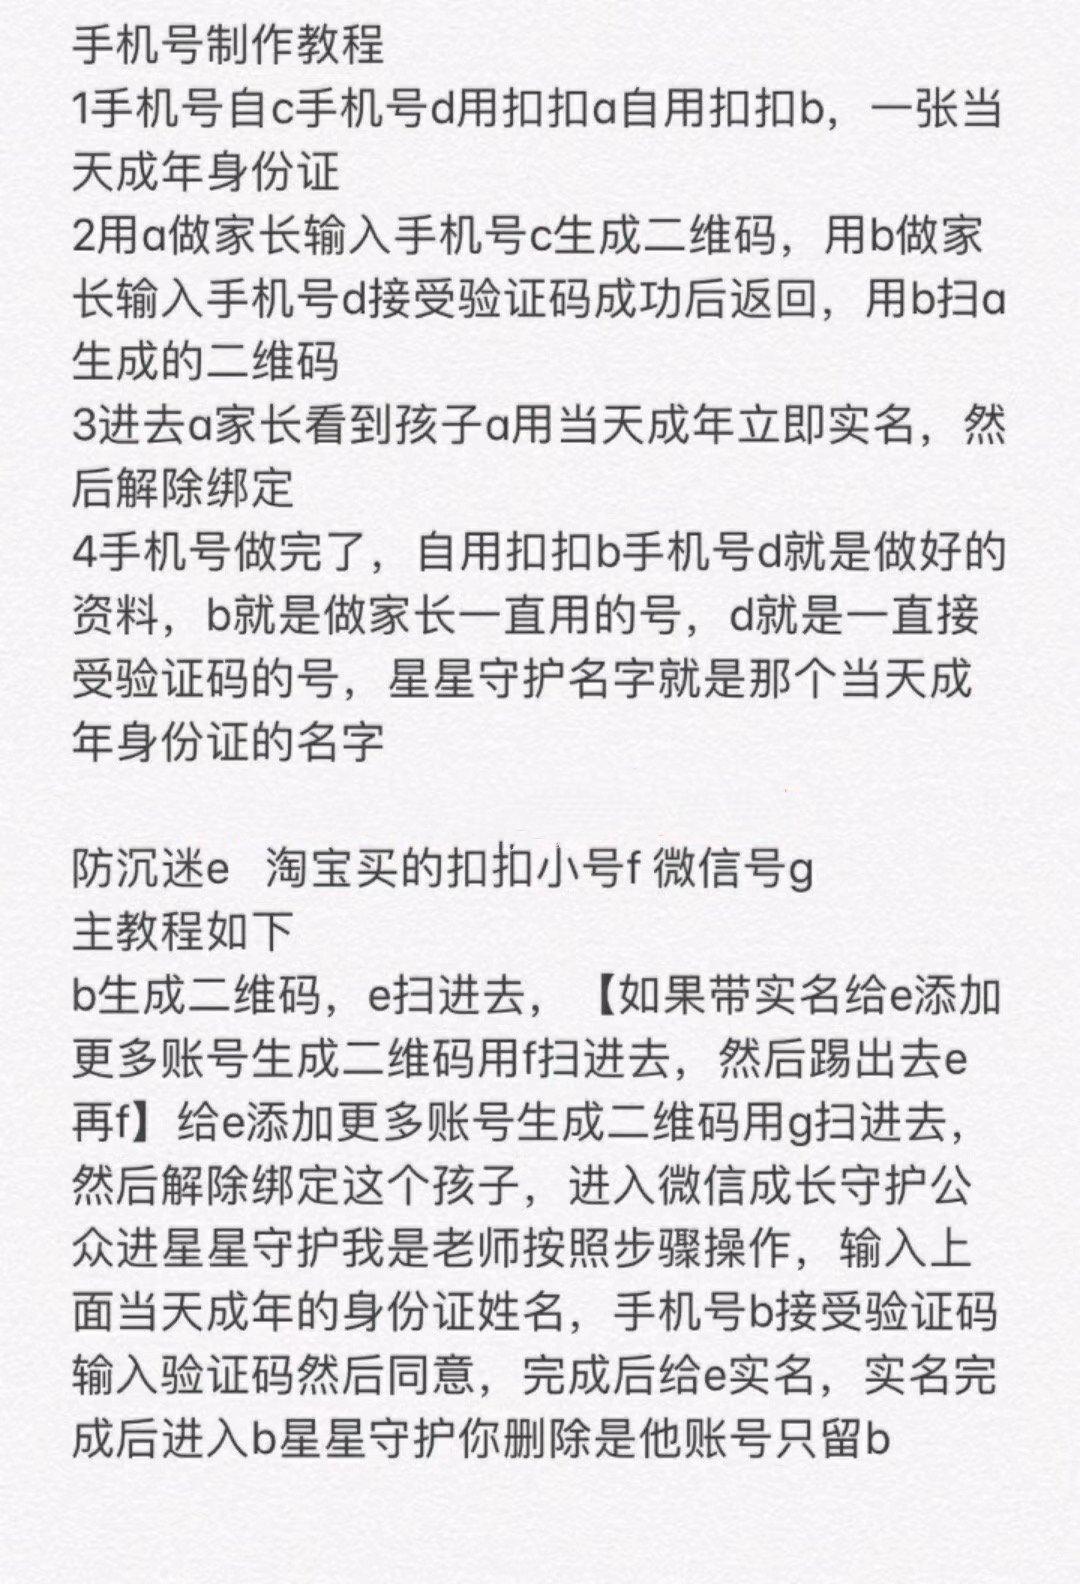 王者荣耀已注册防沉迷怎么解除,最新四种解除防沉迷方法